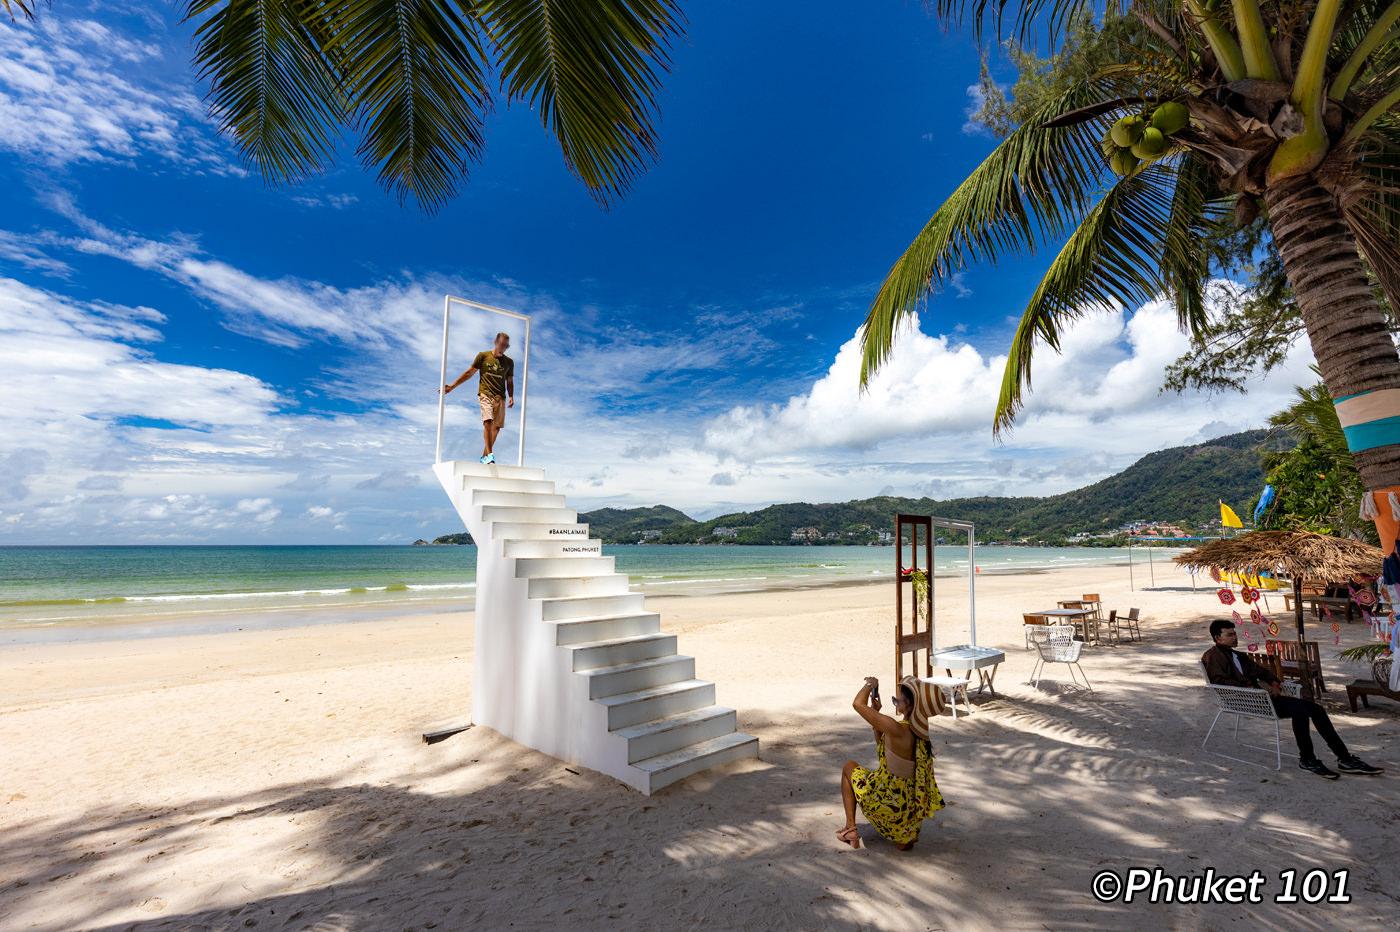 Selfie spot in Phuket